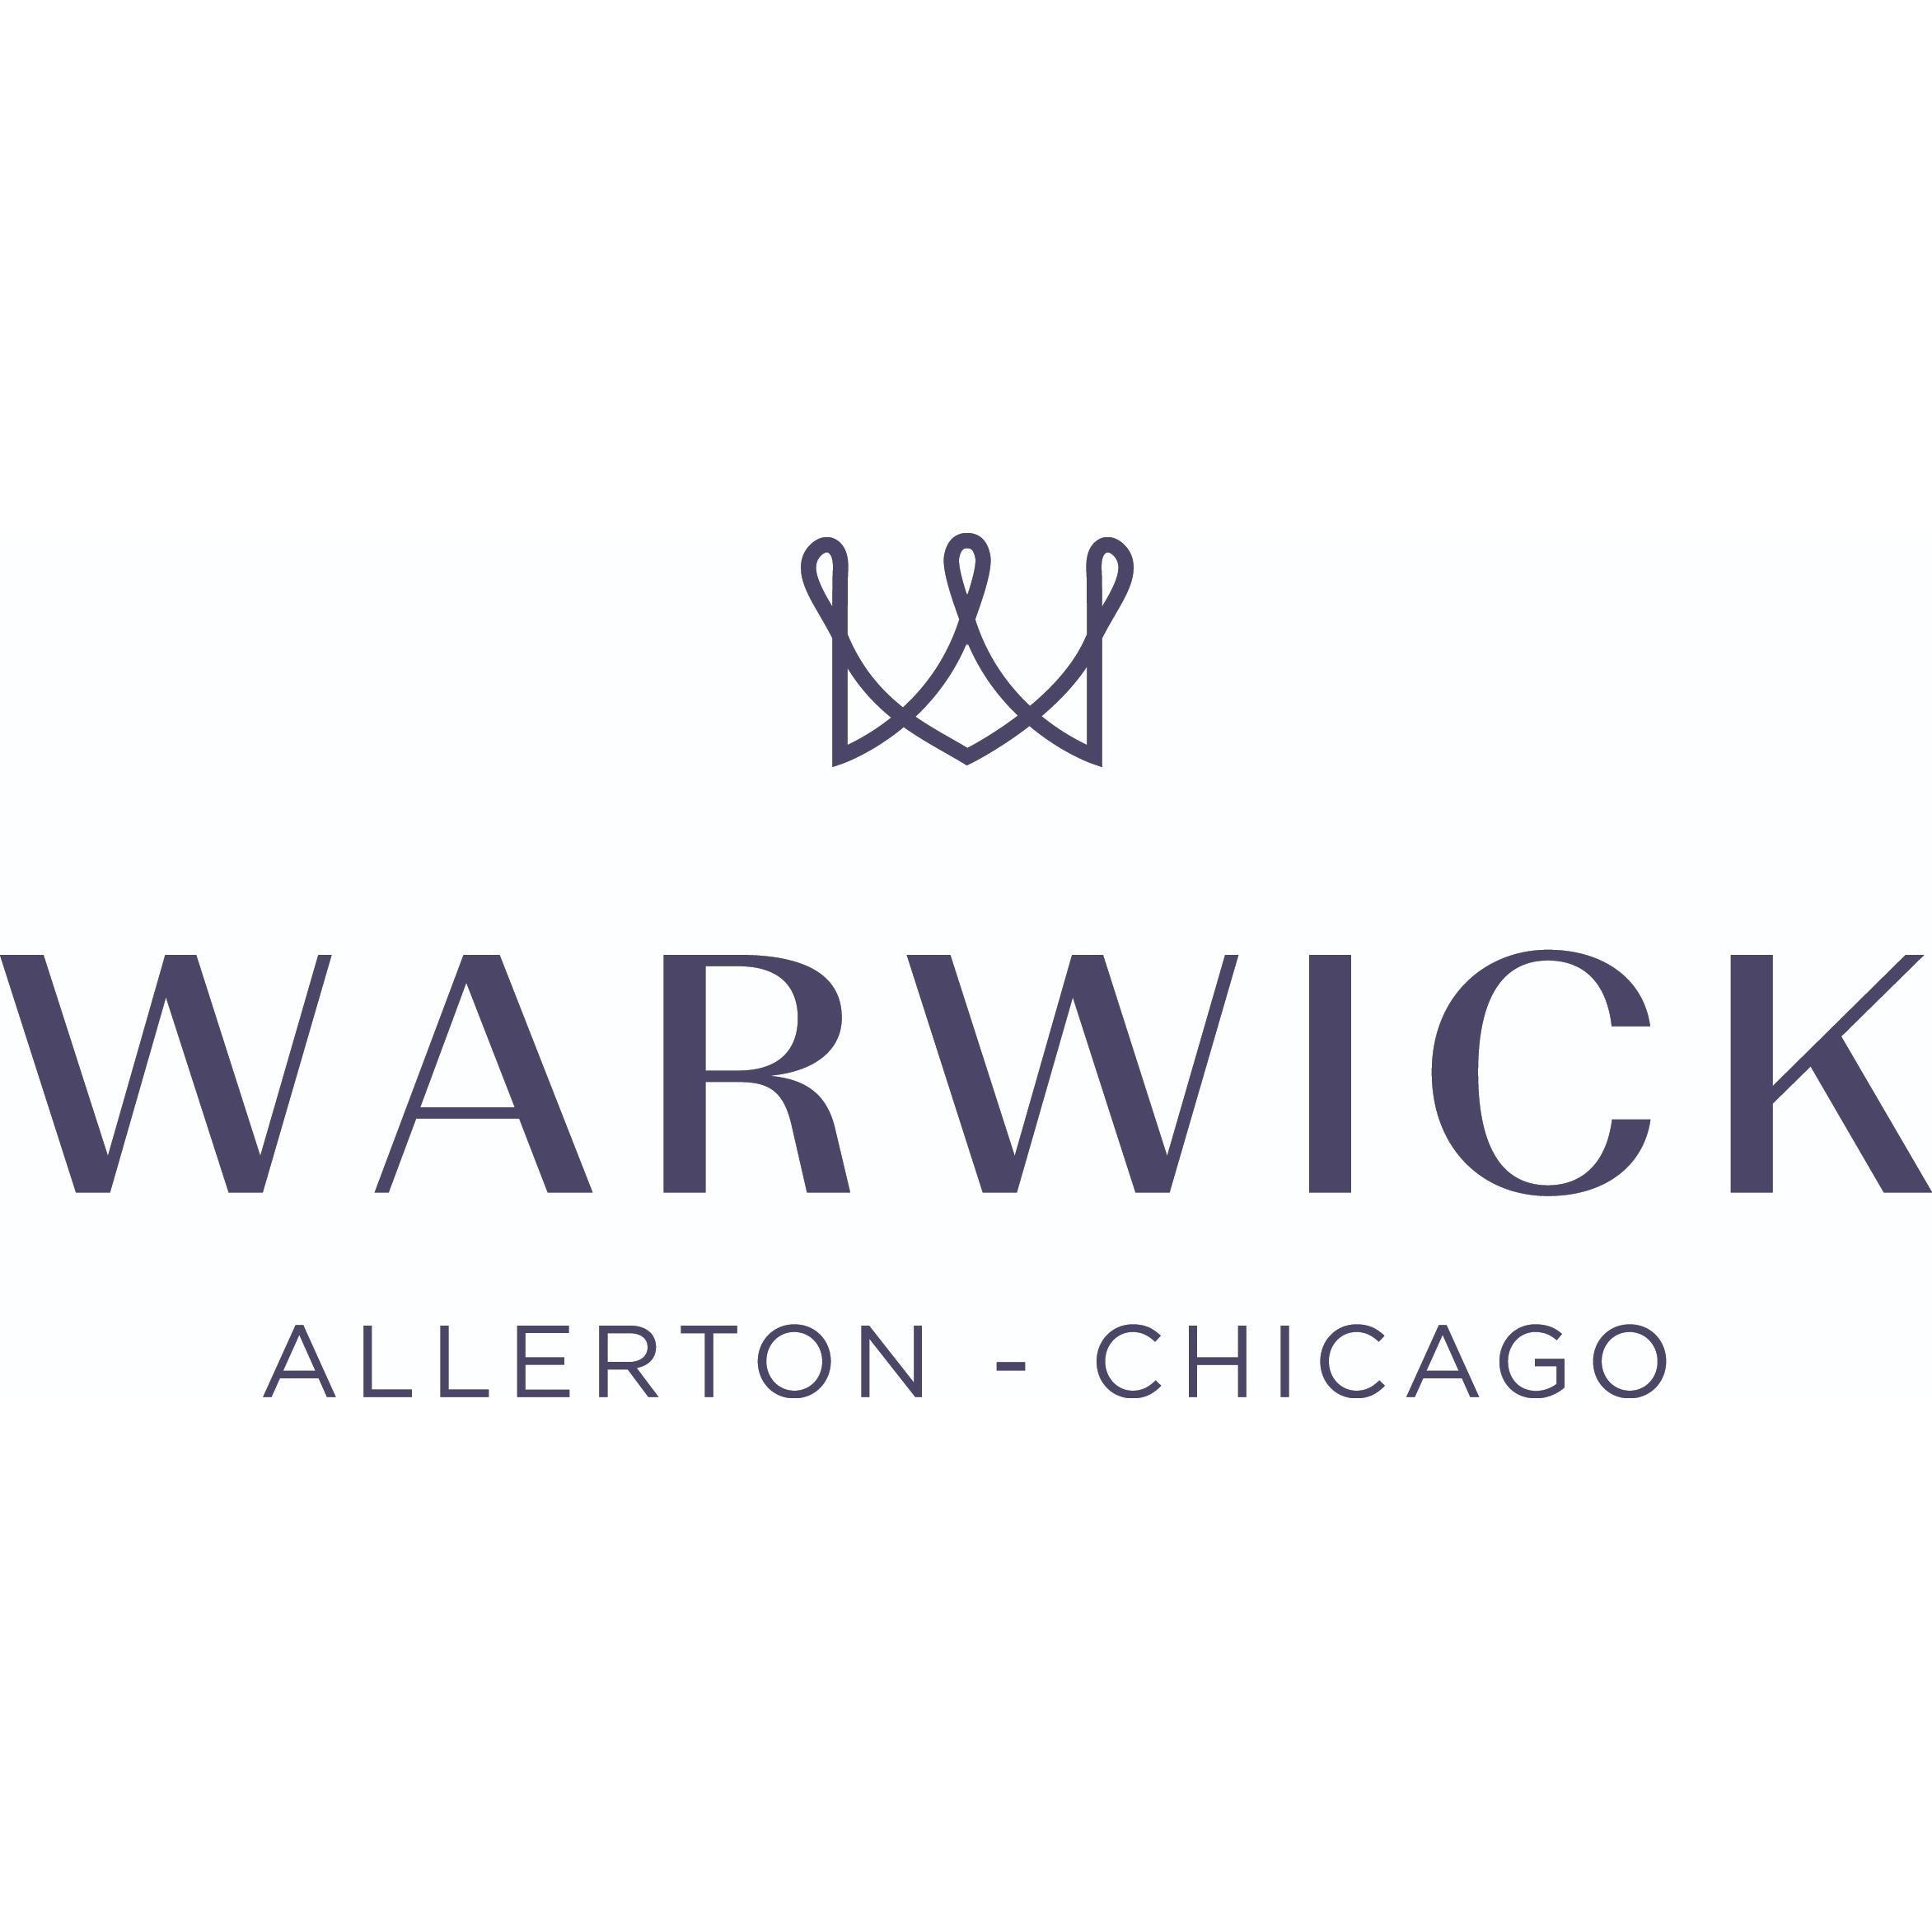 Warwick Allerton - Chicago Logo